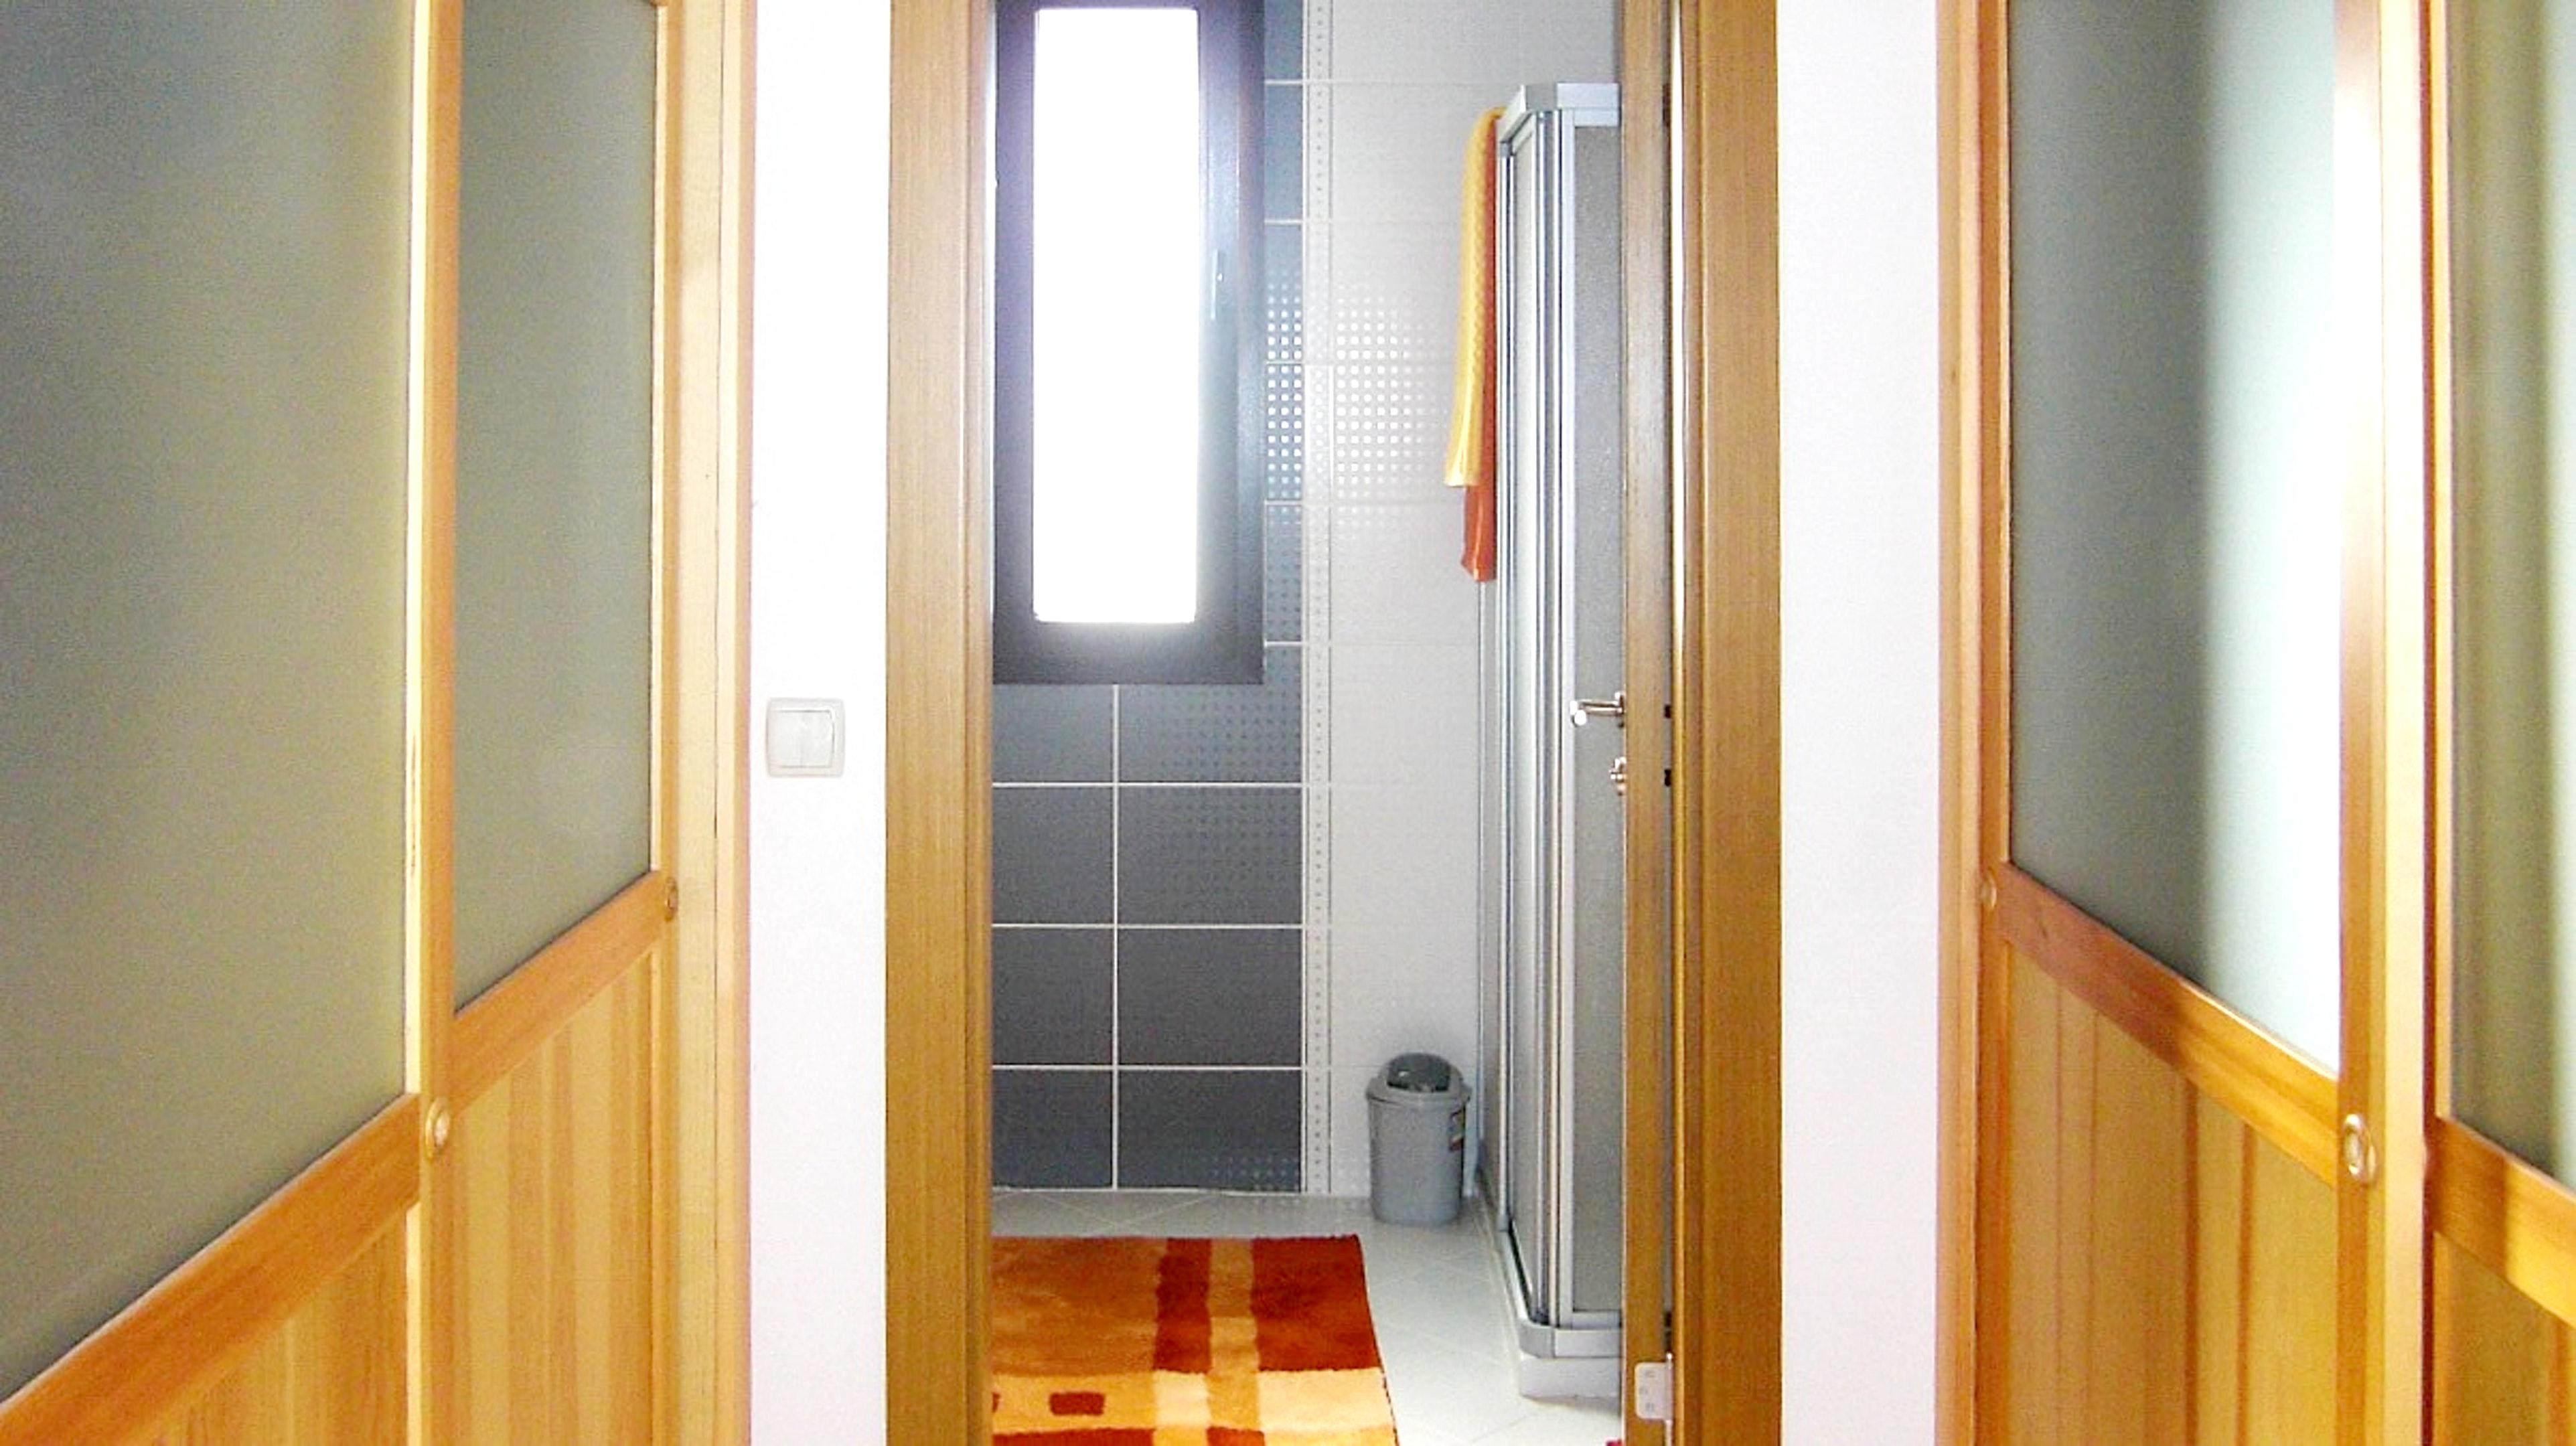 Ferienhaus Villa mit 3 Schlafzimmern in Turgutreis,Bodrum mit herrlichem Meerblick, Pool, eingezäunte (2202326), Turgutreis, , Ägäisregion, Türkei, Bild 19